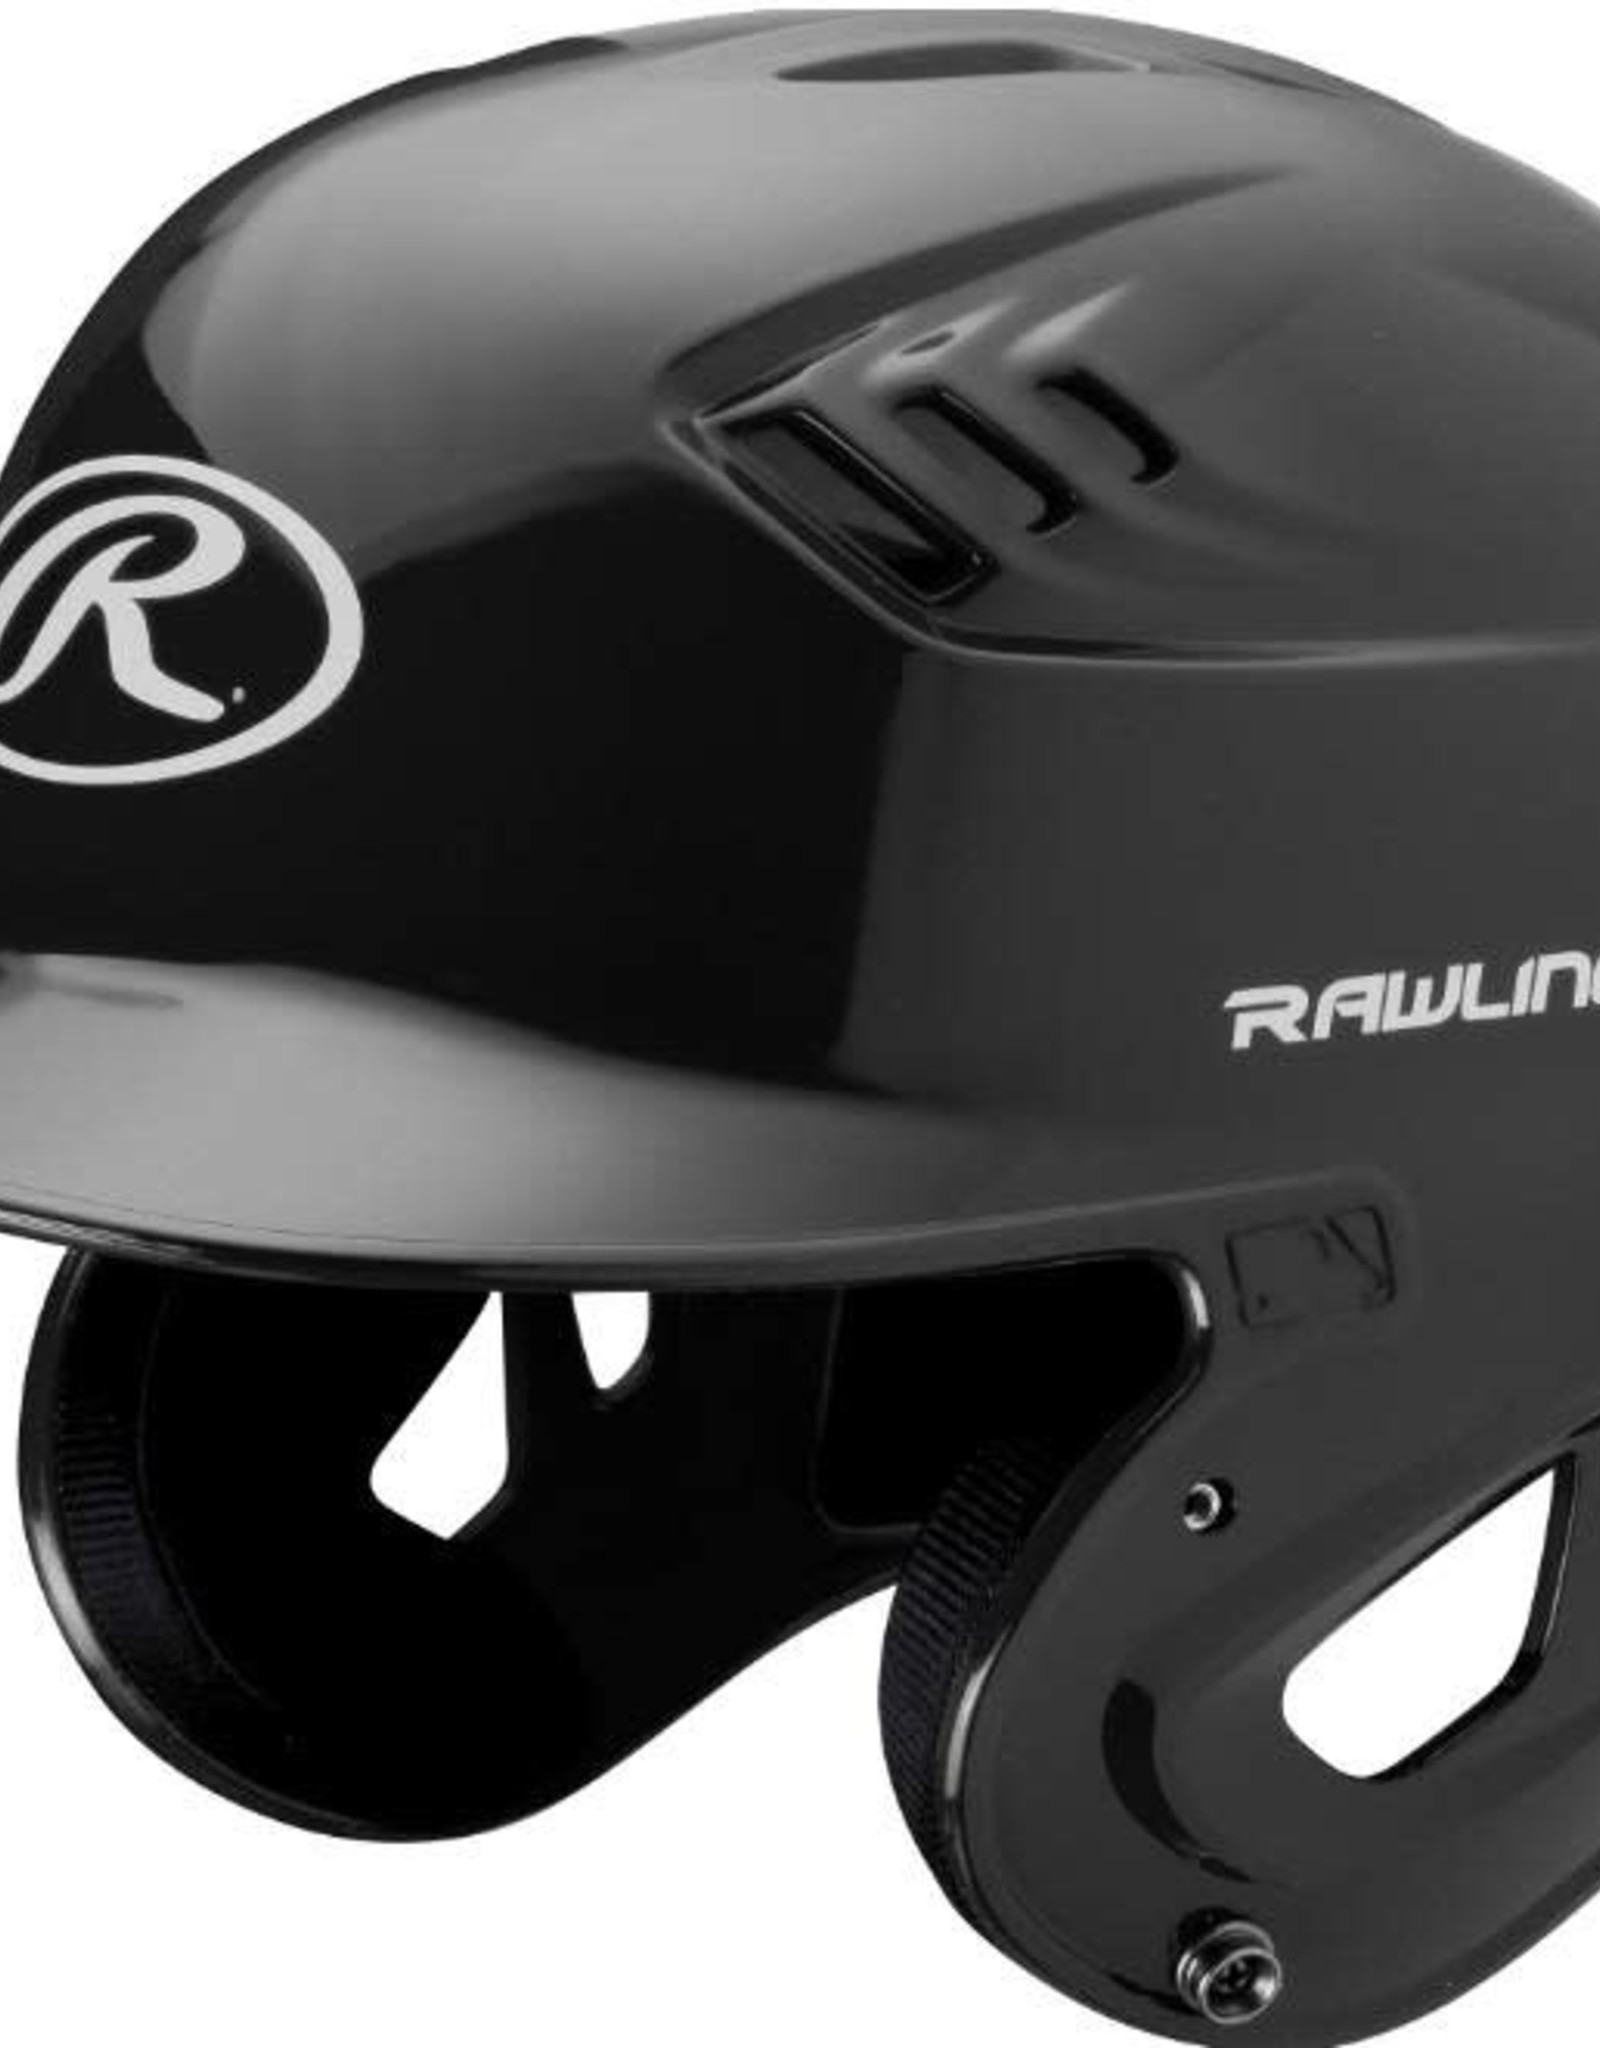 Rawlings Coolflo High School/College Batting Helmet Black LRG